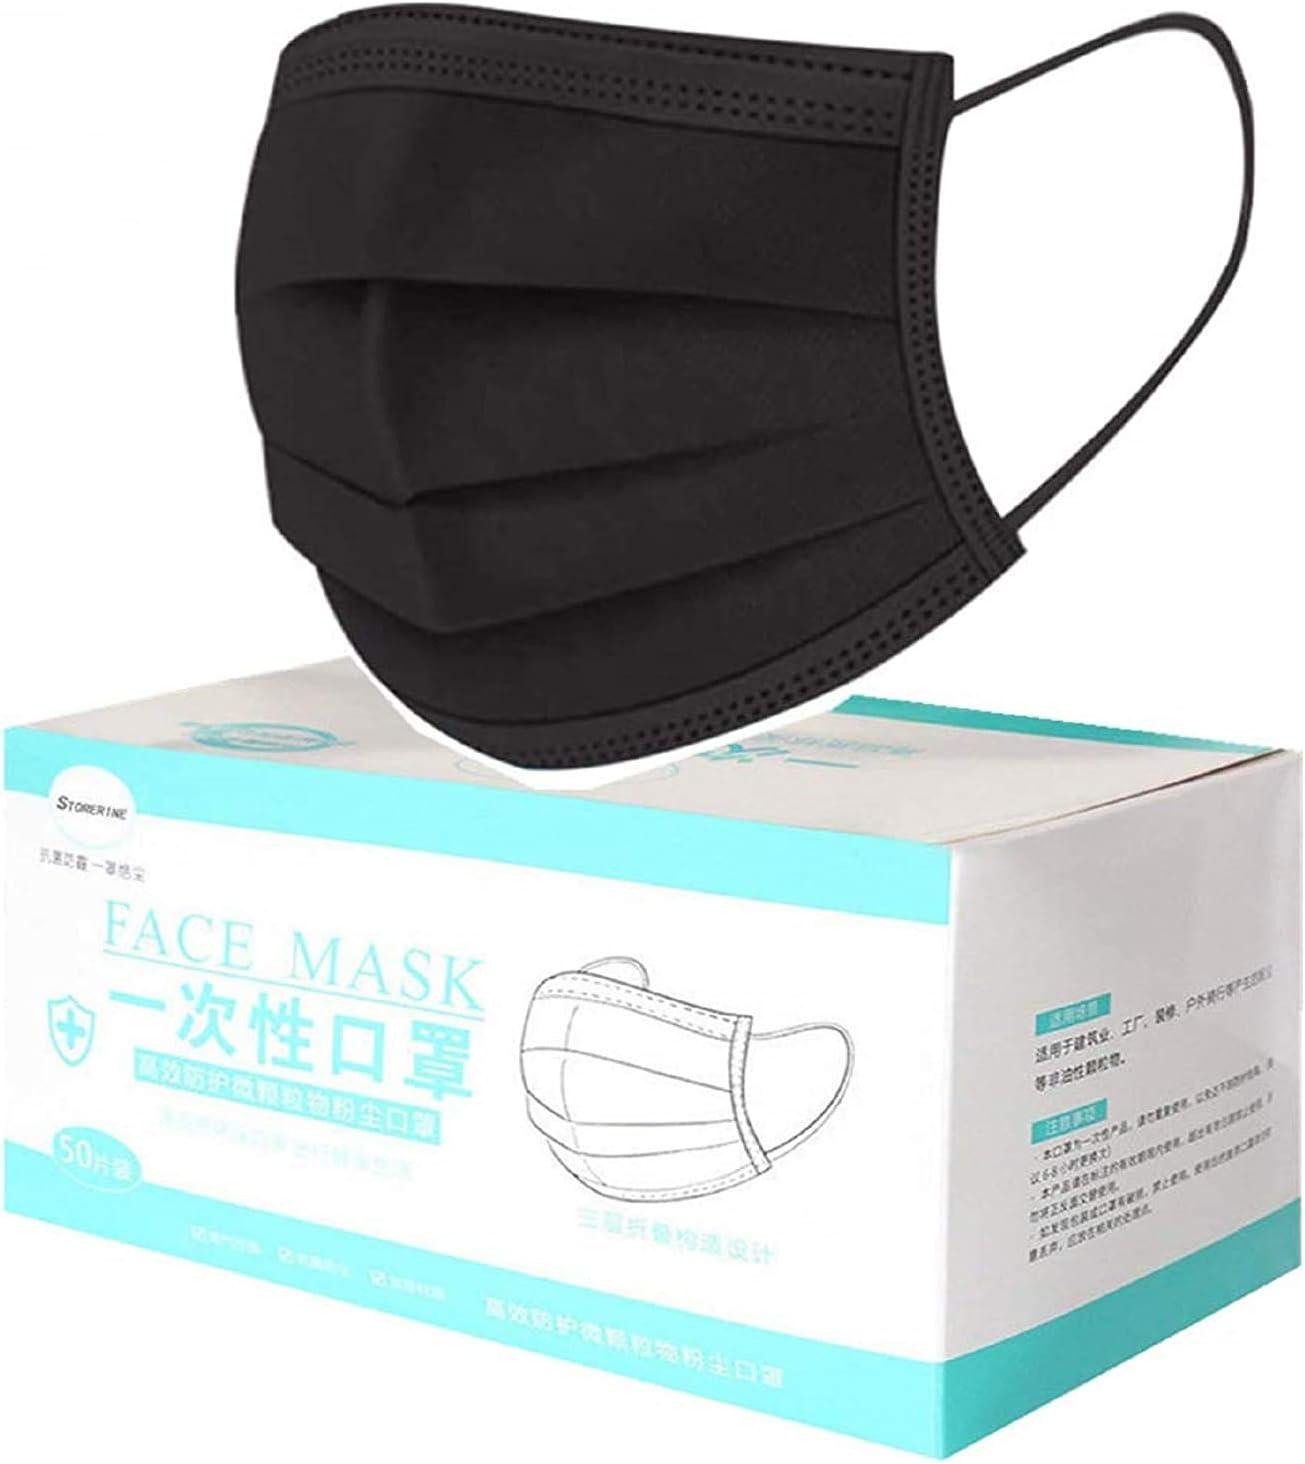 MaNMaNing Protección 3 Capas Transpirables con Elástico para Los Oídos Pack 50 unidades 20200723-MANING-NM50 (50, Negro Adulto)